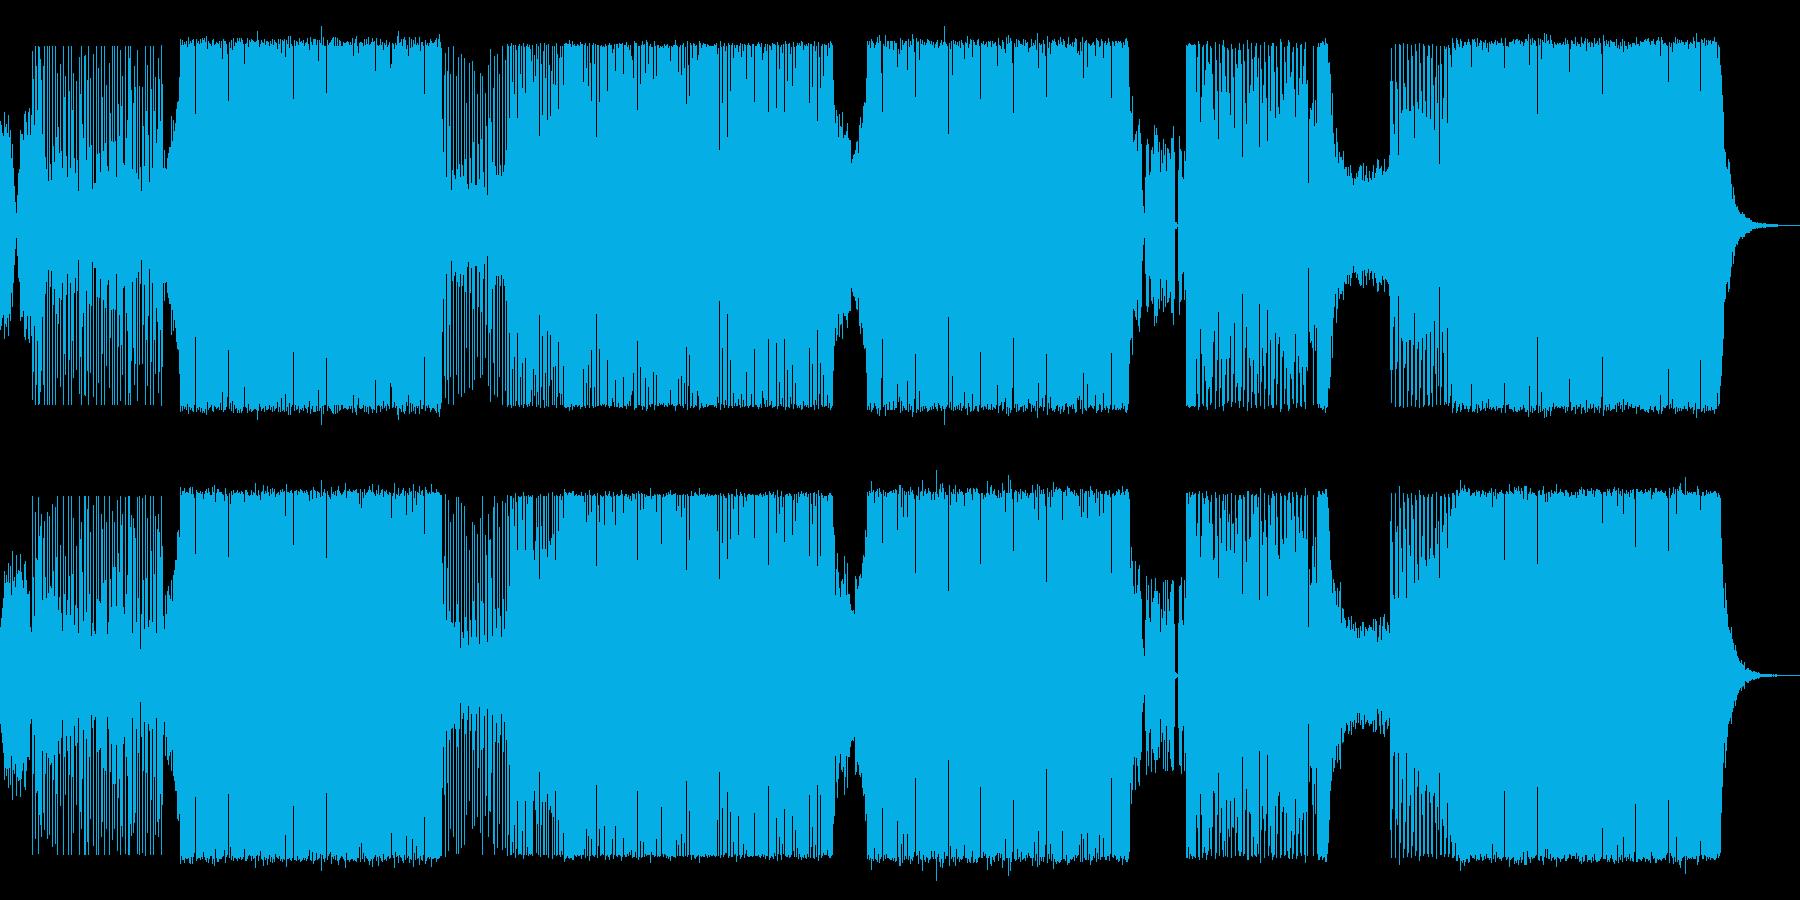 可愛らしいEDMの再生済みの波形